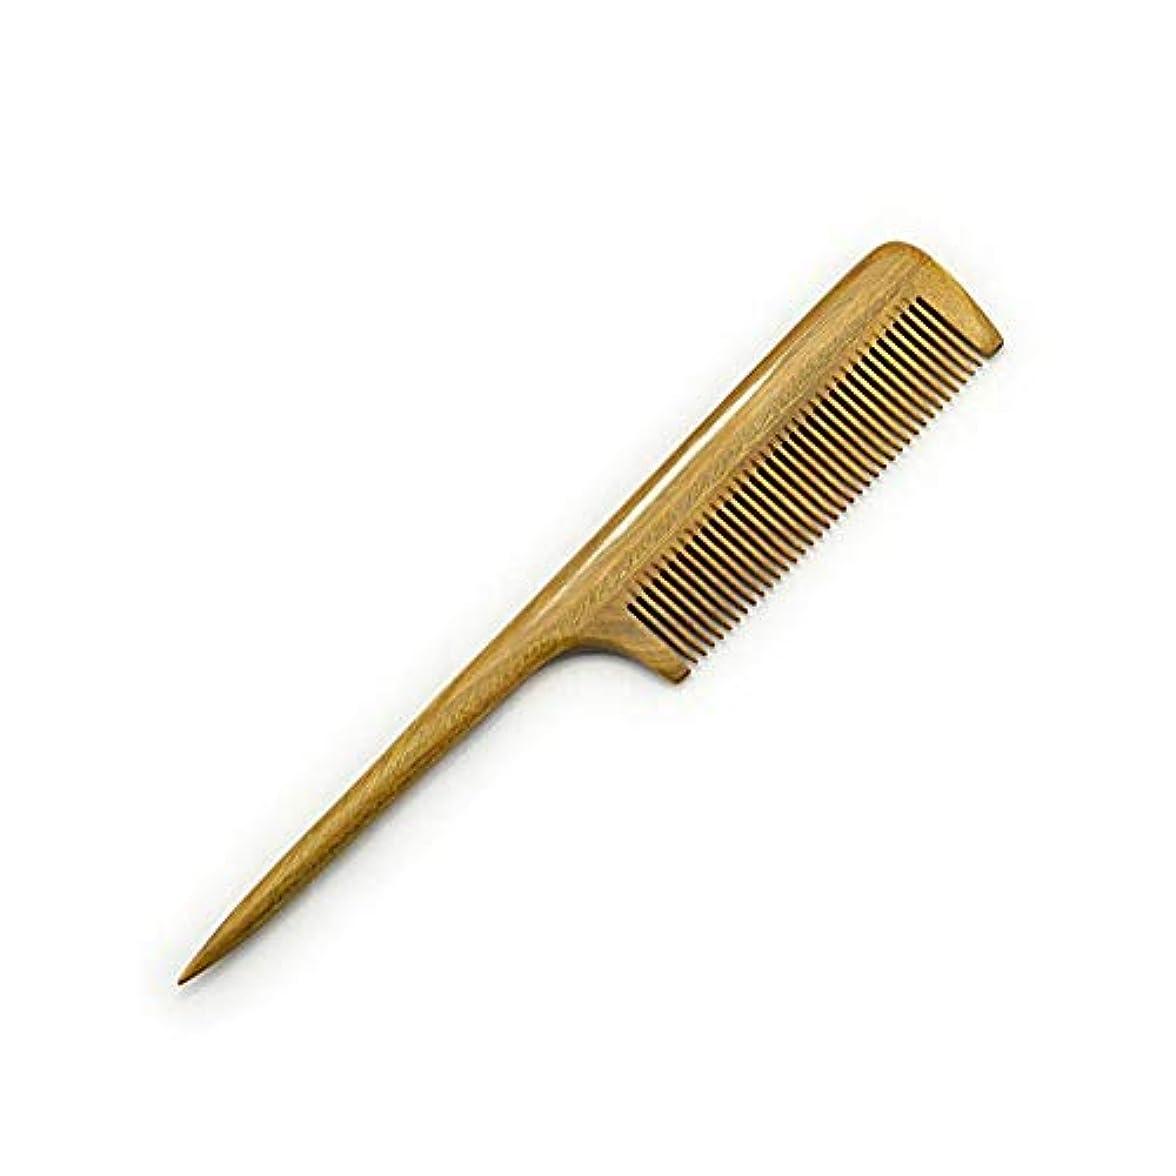 本物動揺させる取るFashian髪の櫛 - 木製テールくしをもつれ解除ファイン歯 - 静的な天然サンダルウッドのくし ヘアケア